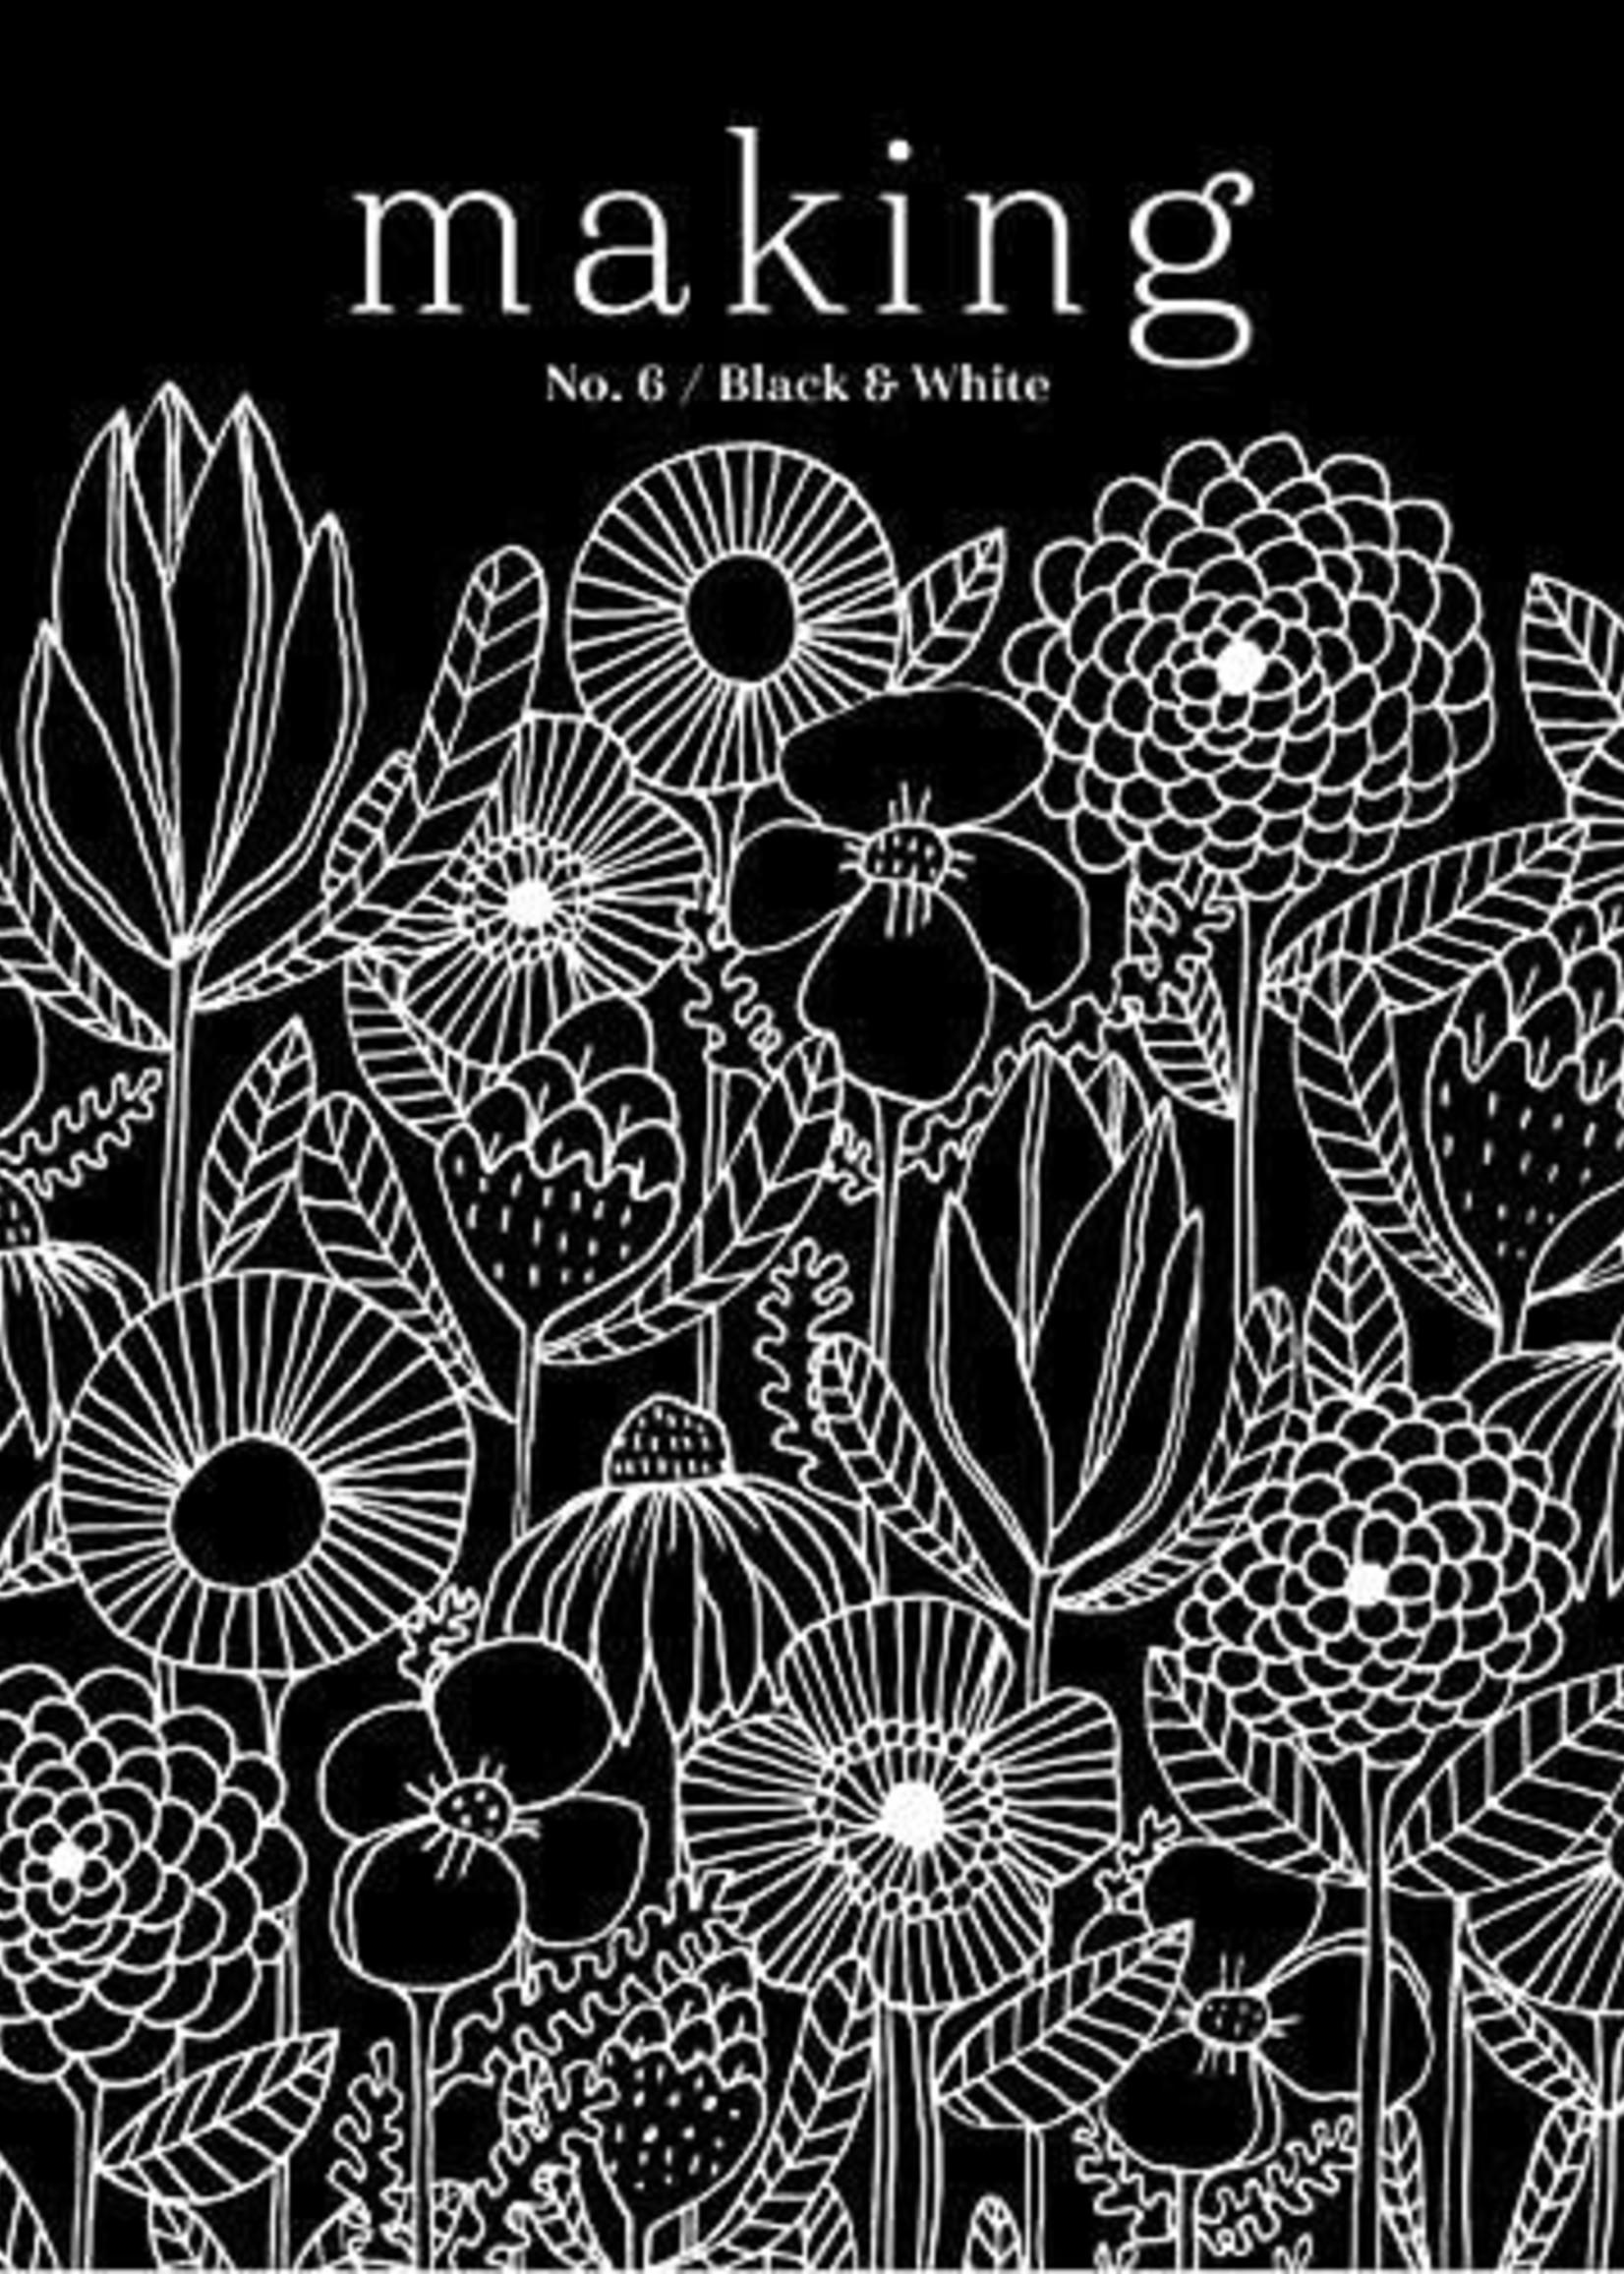 Making Making Magazine No. 6 Black & White